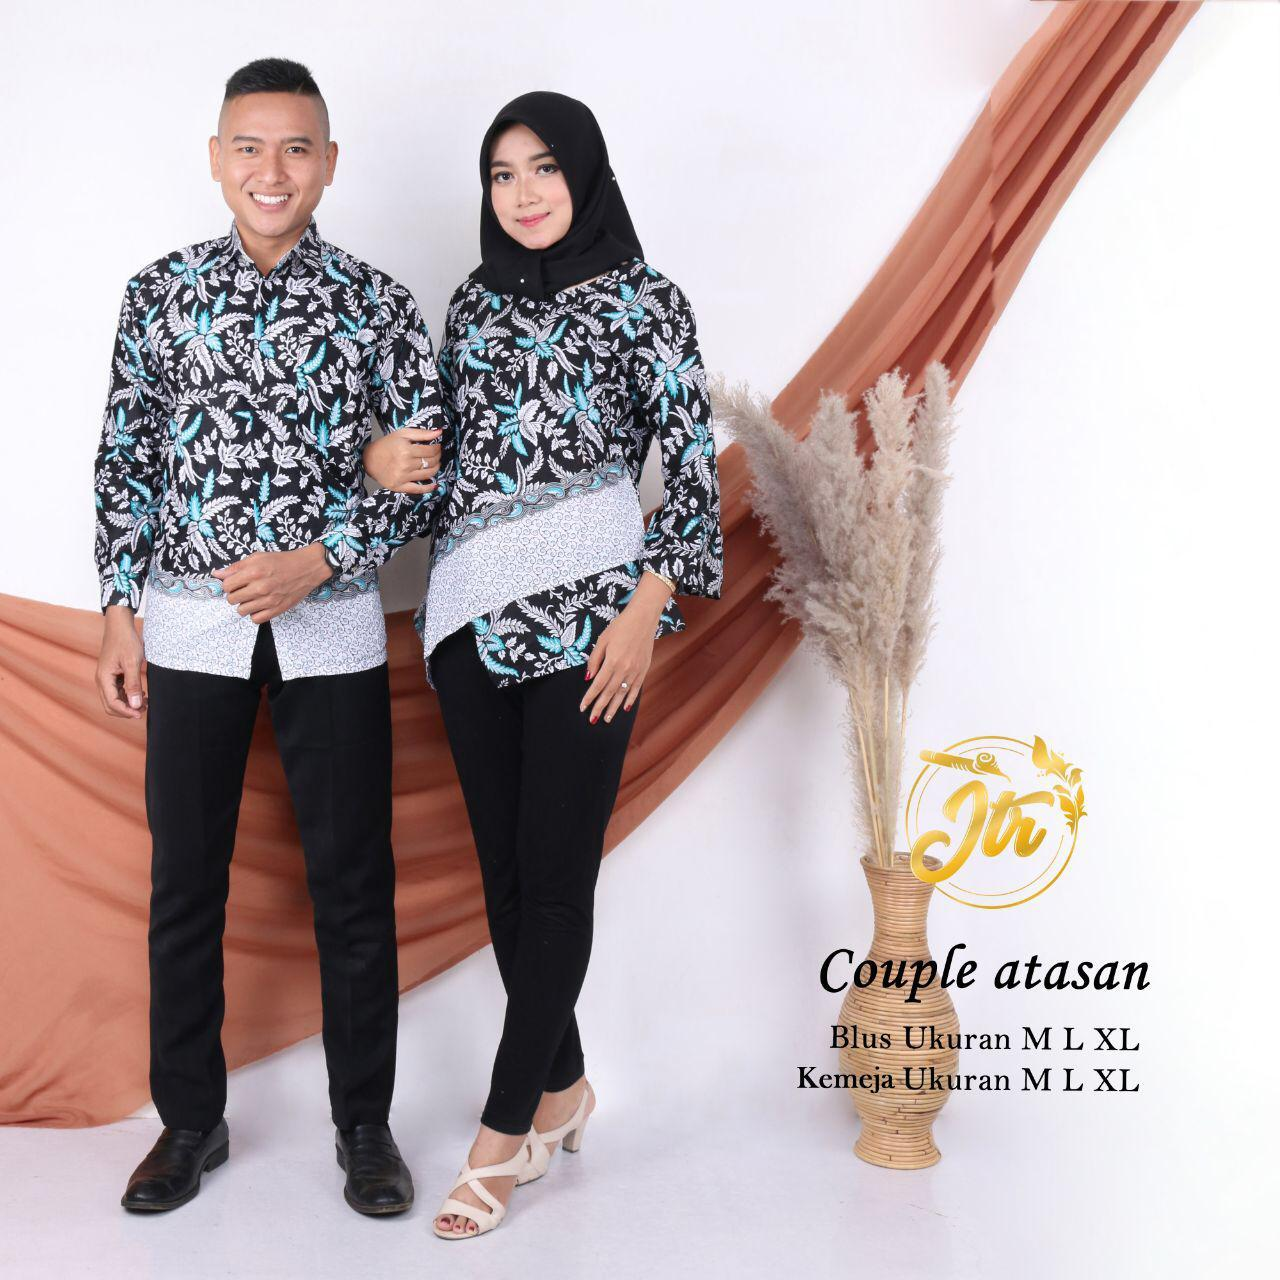 BAYAR DITEMPAT - Batik Couple / Couple Batik / Baju Muslim Wanita Terbaru 2019 / Batik Murah / Batik Sarimbit / Baju Batik Couple Modern / Batik Kondangan / Batik Keluarga / Batik Pekalongan – Batik Couple Atasan